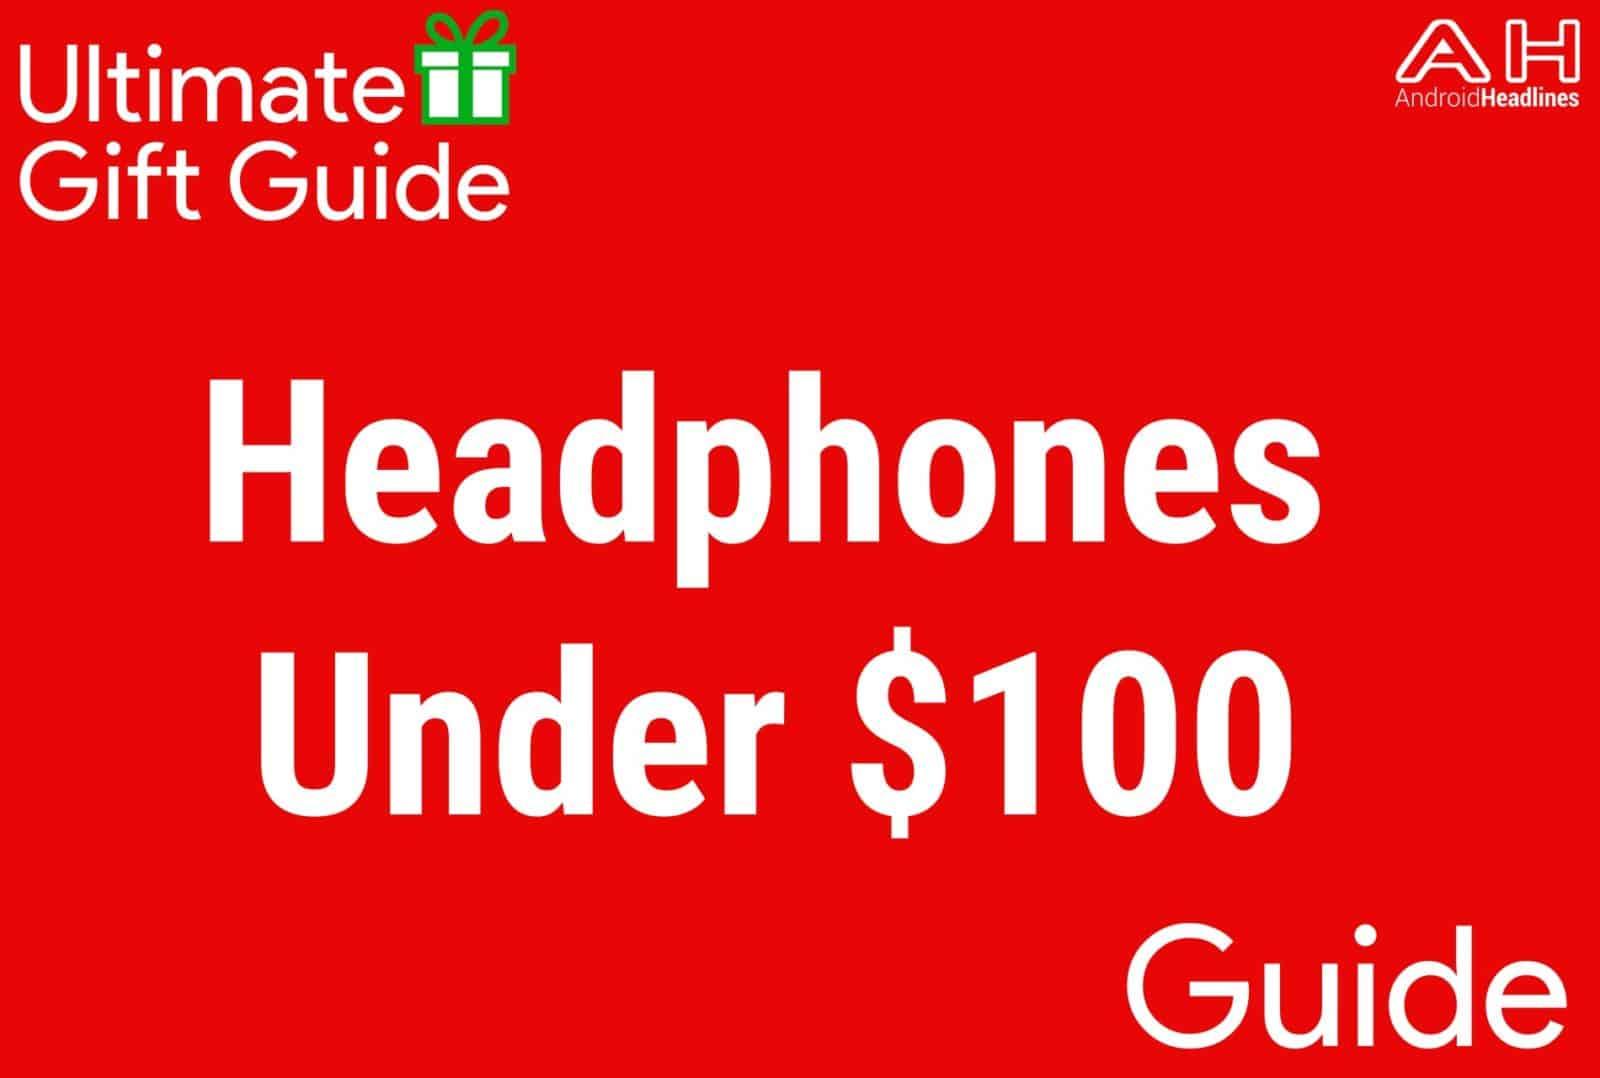 Headphones Under $100 - Gift Guide 2015